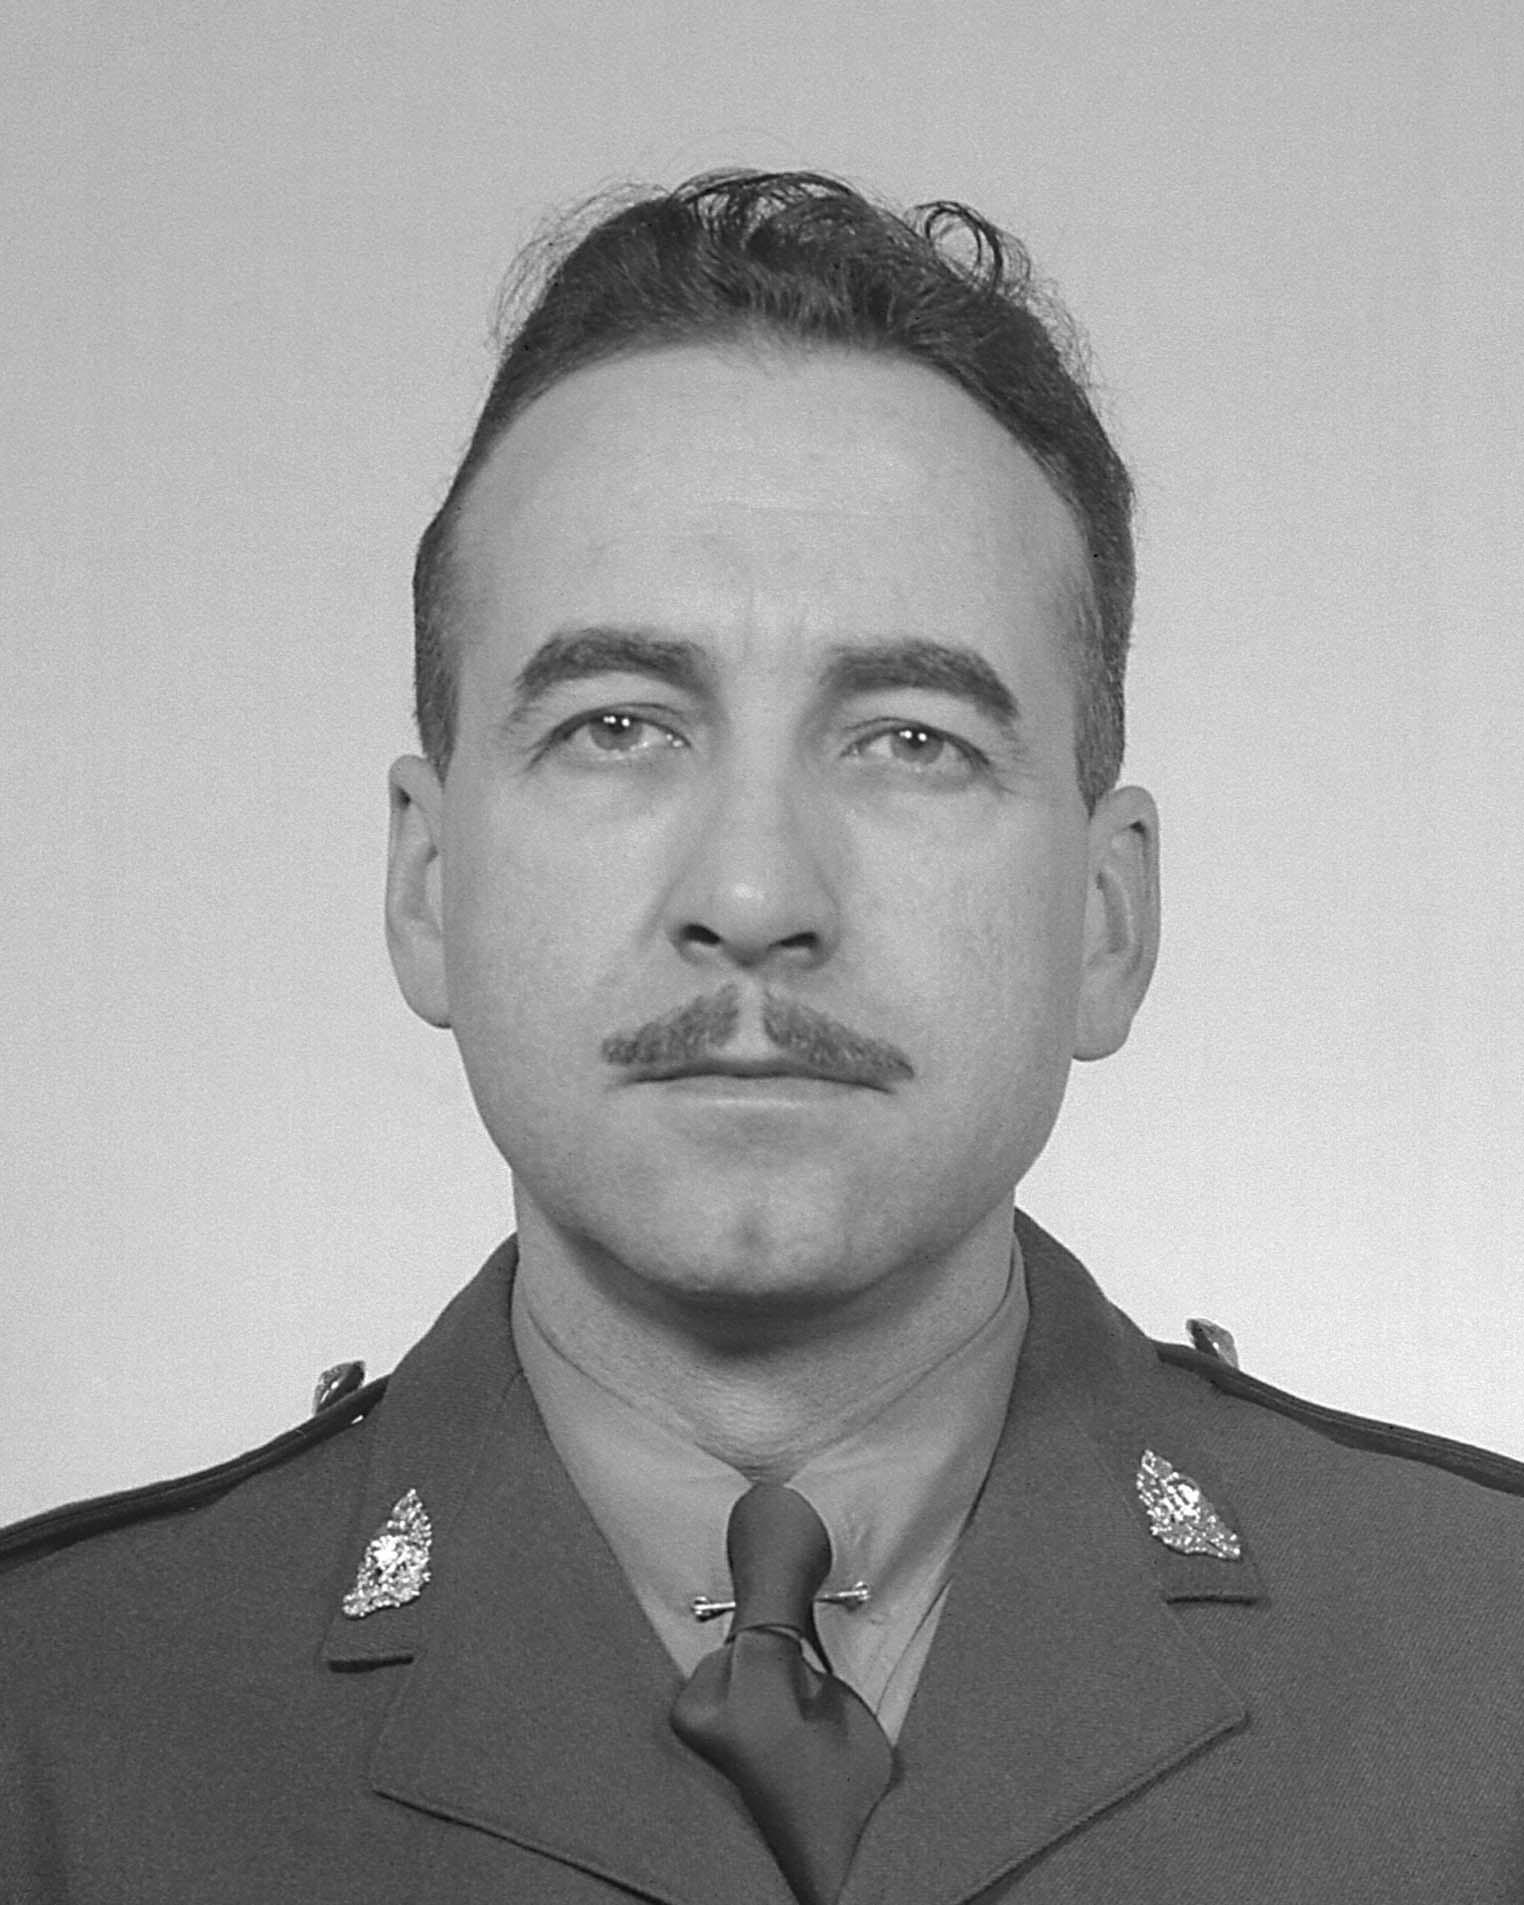 Inspecteur David James McCombe – © Sa Majesté la Reine du chef du Canada représentée par la Gendarmerie royale du Canada